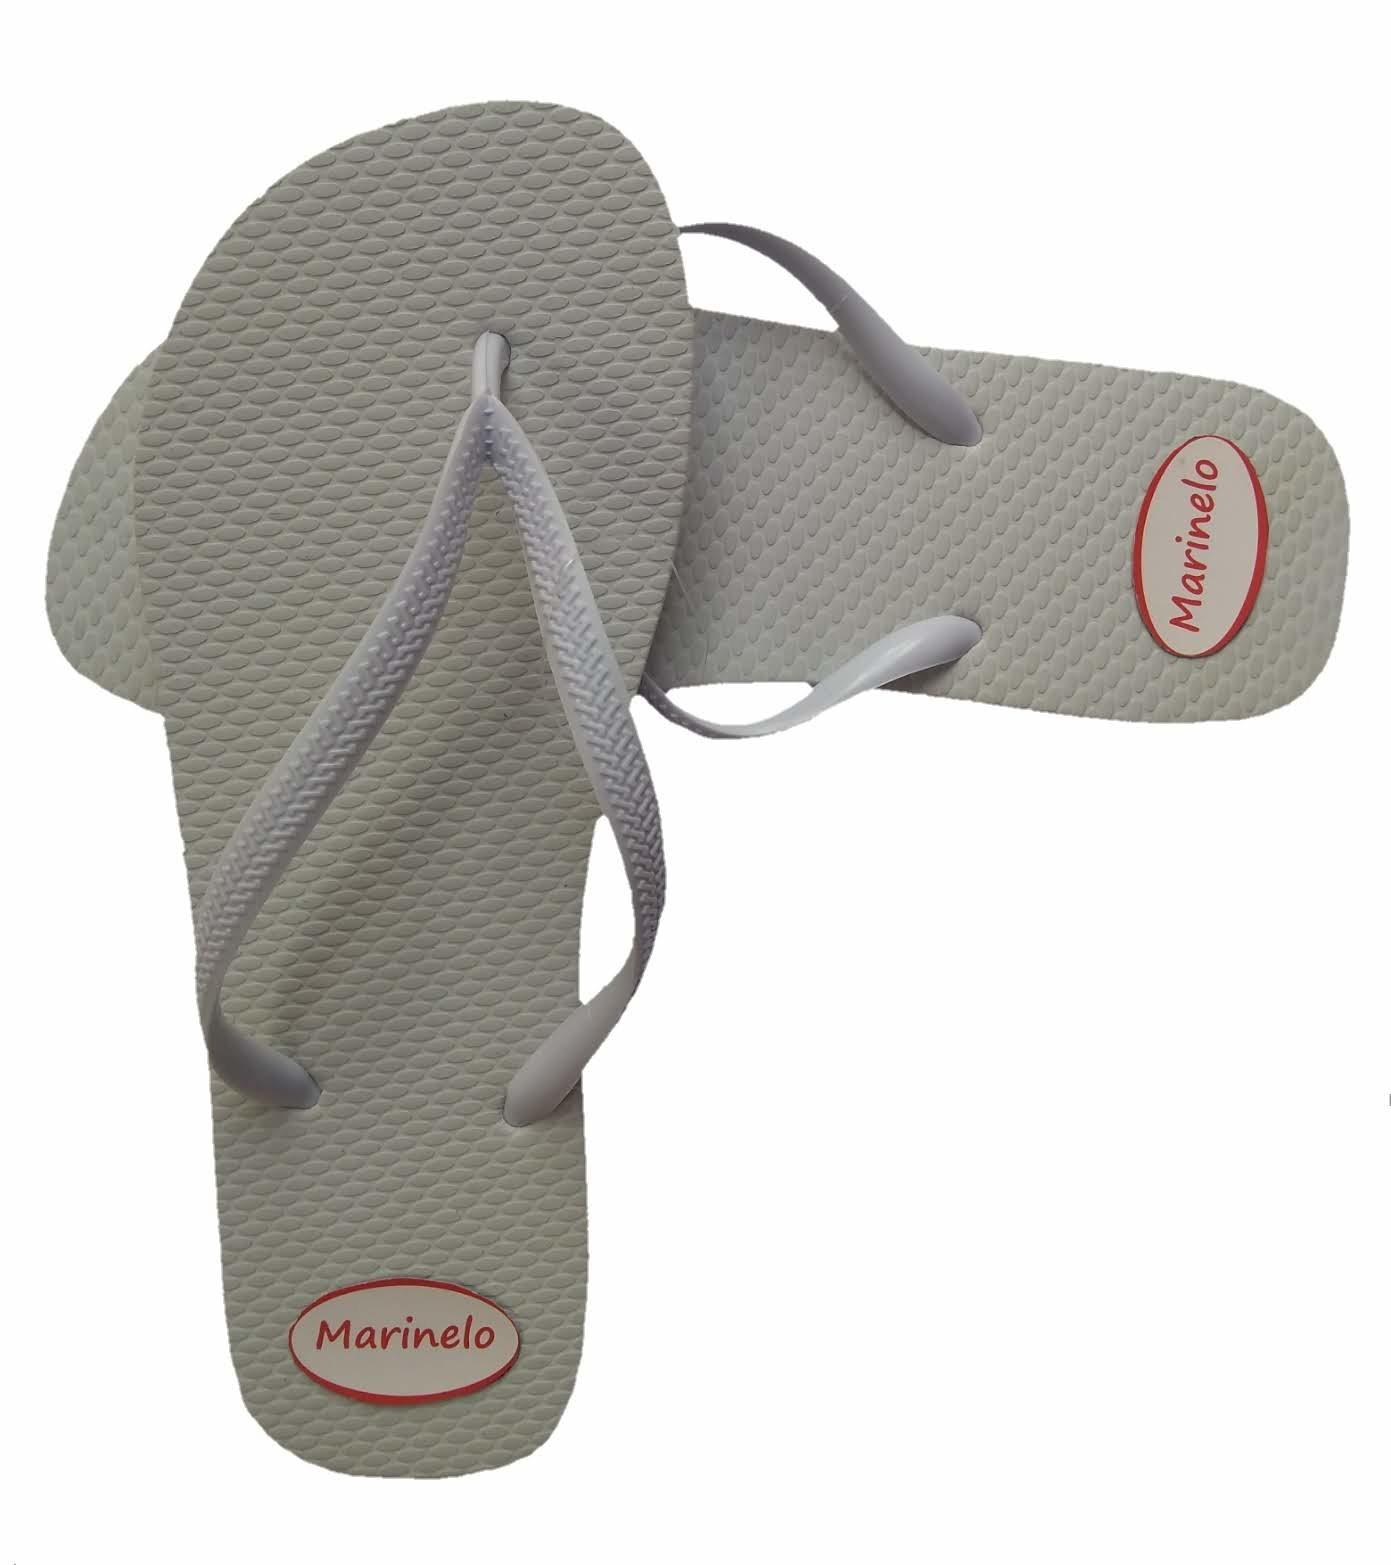 1565f079ac9d5c 20 pares chinelo sandália tipo havaianas bordar personalizar